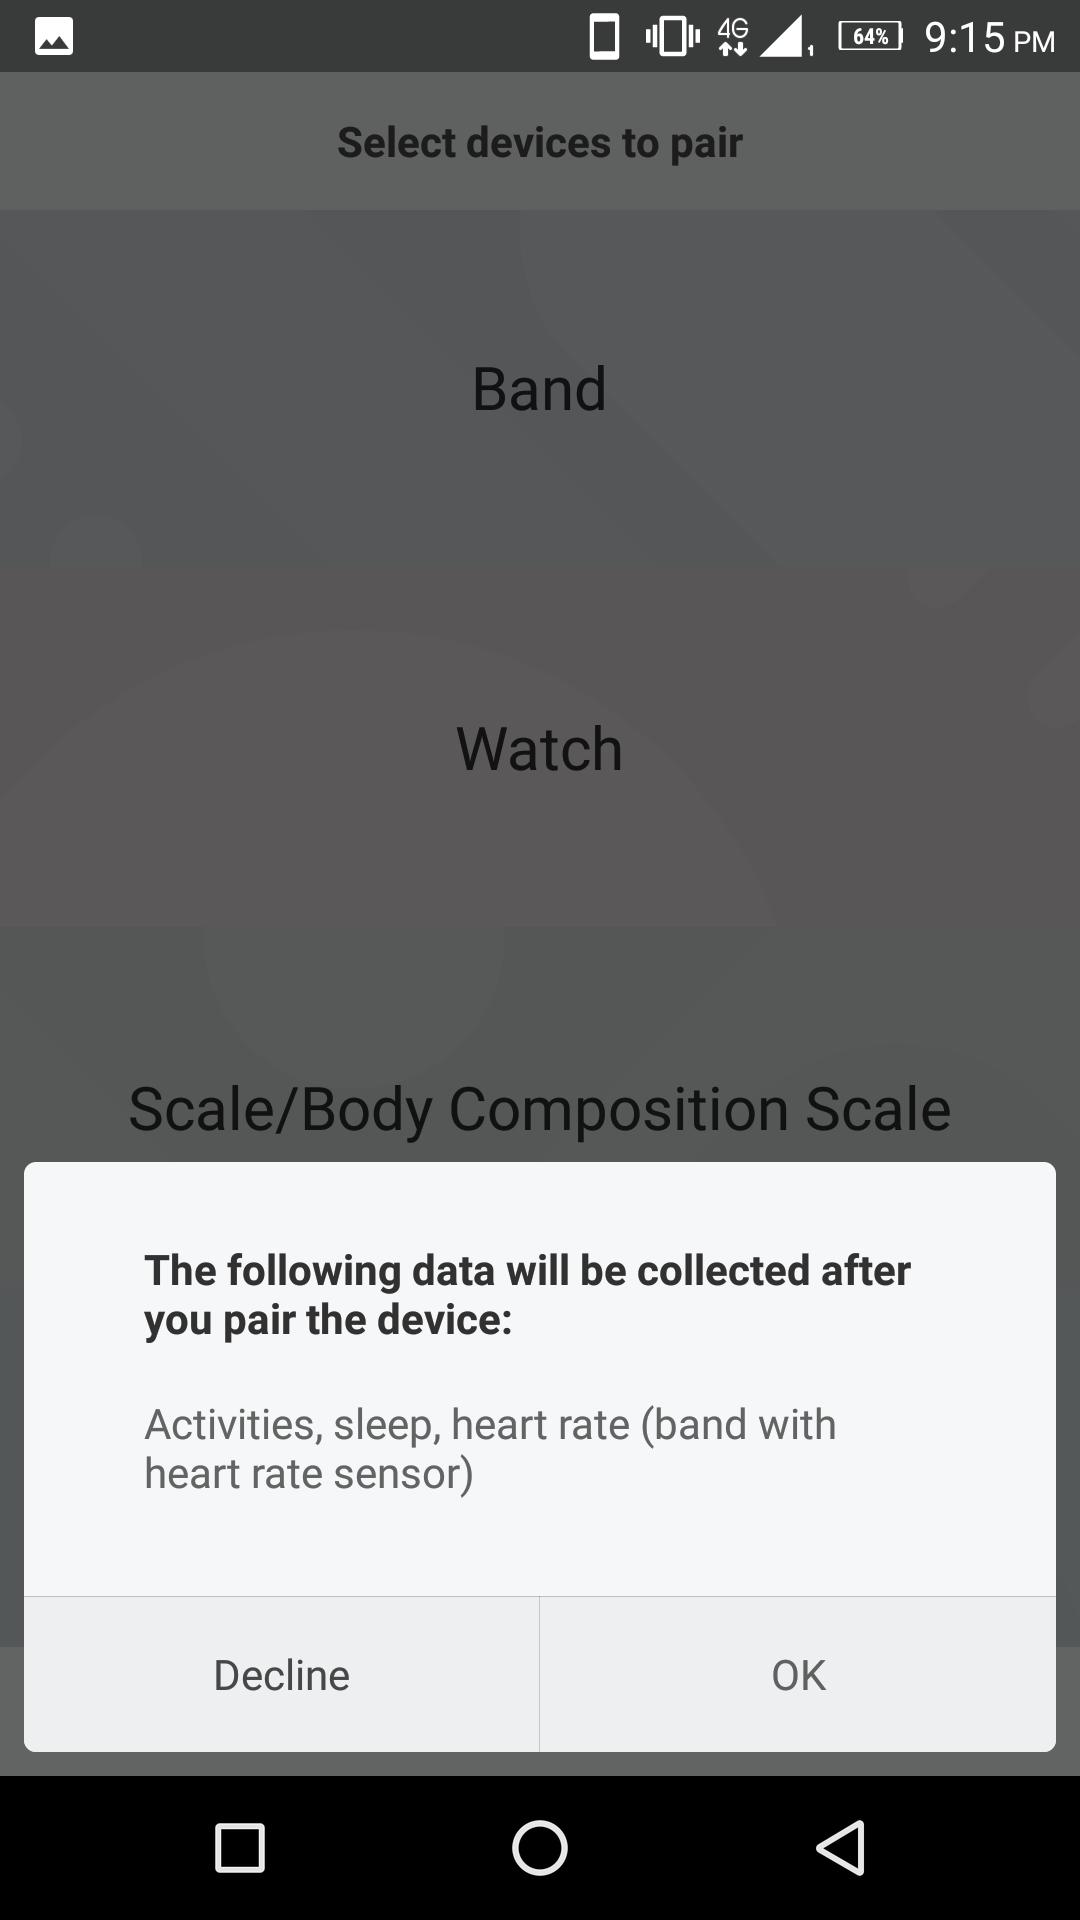 https://techrvw.com/wp-content/uploads/2018/02/Screenshot_20180206-211522.jpeg